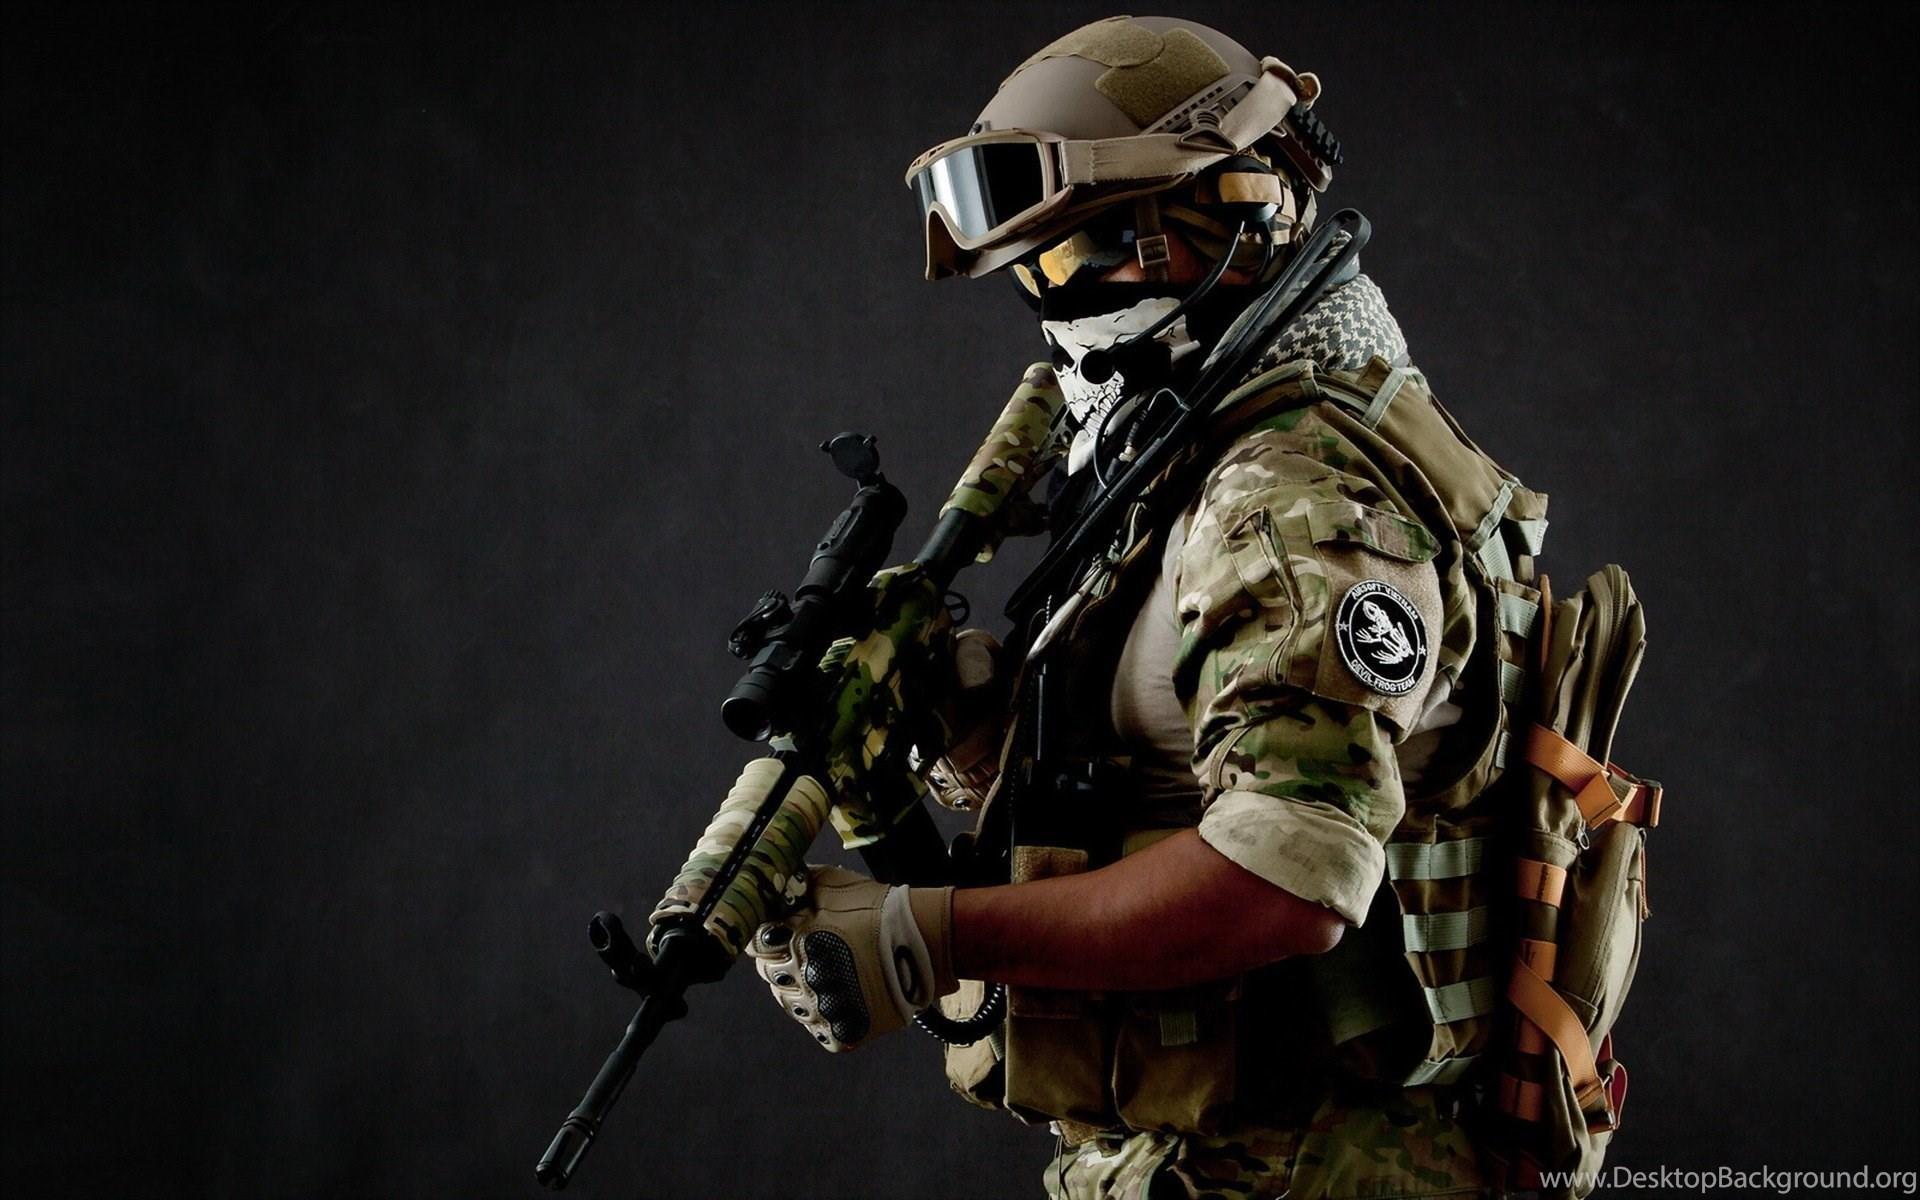 army wallpaper full hd